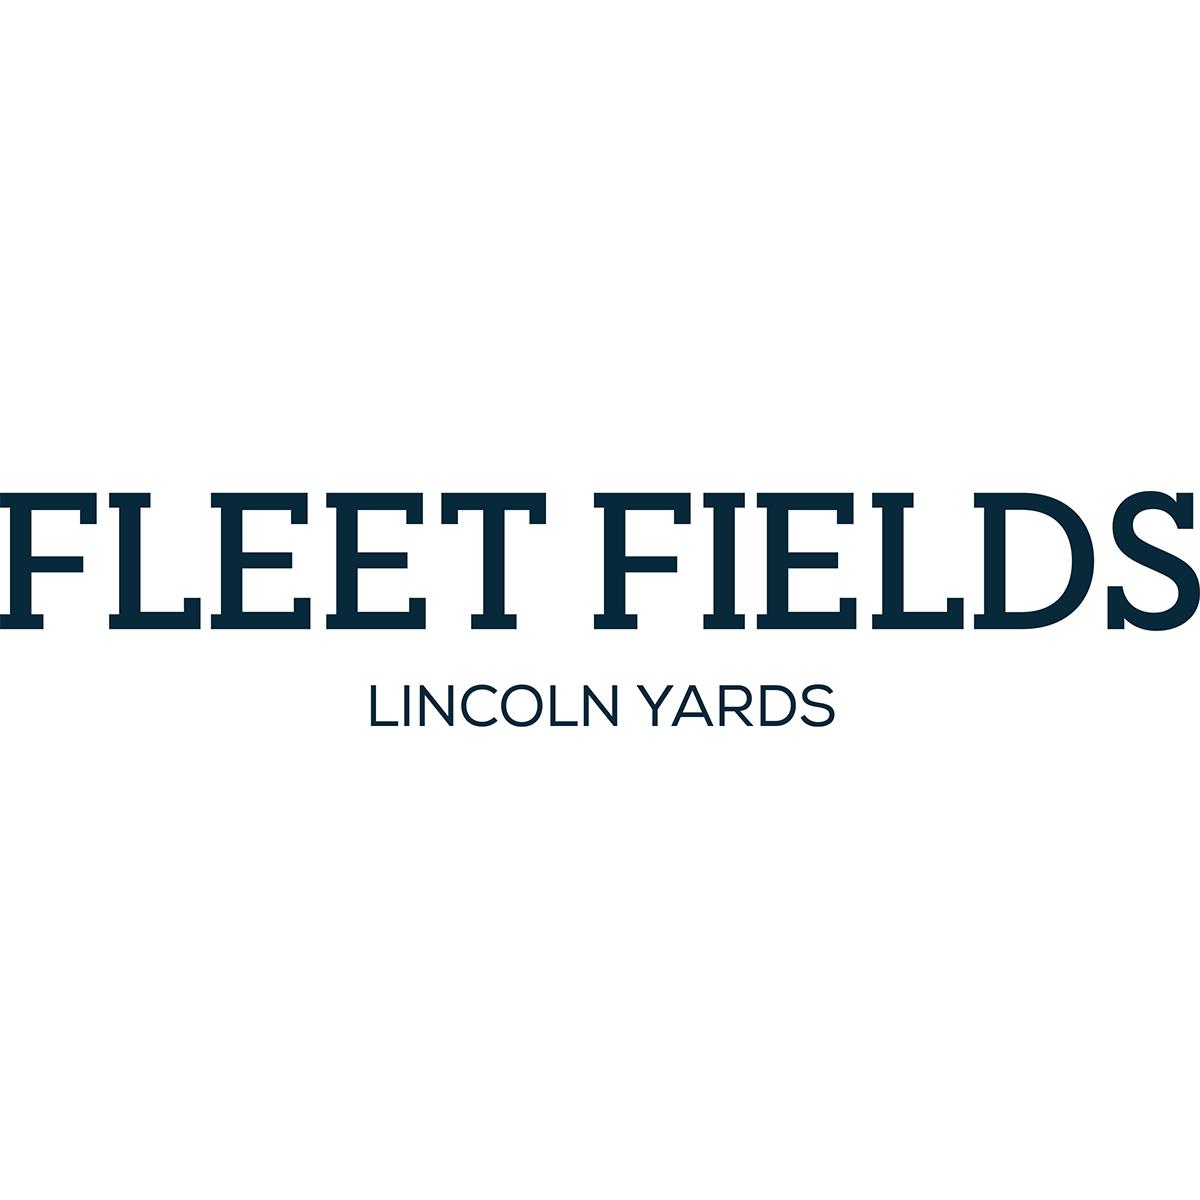 Fleet Fields